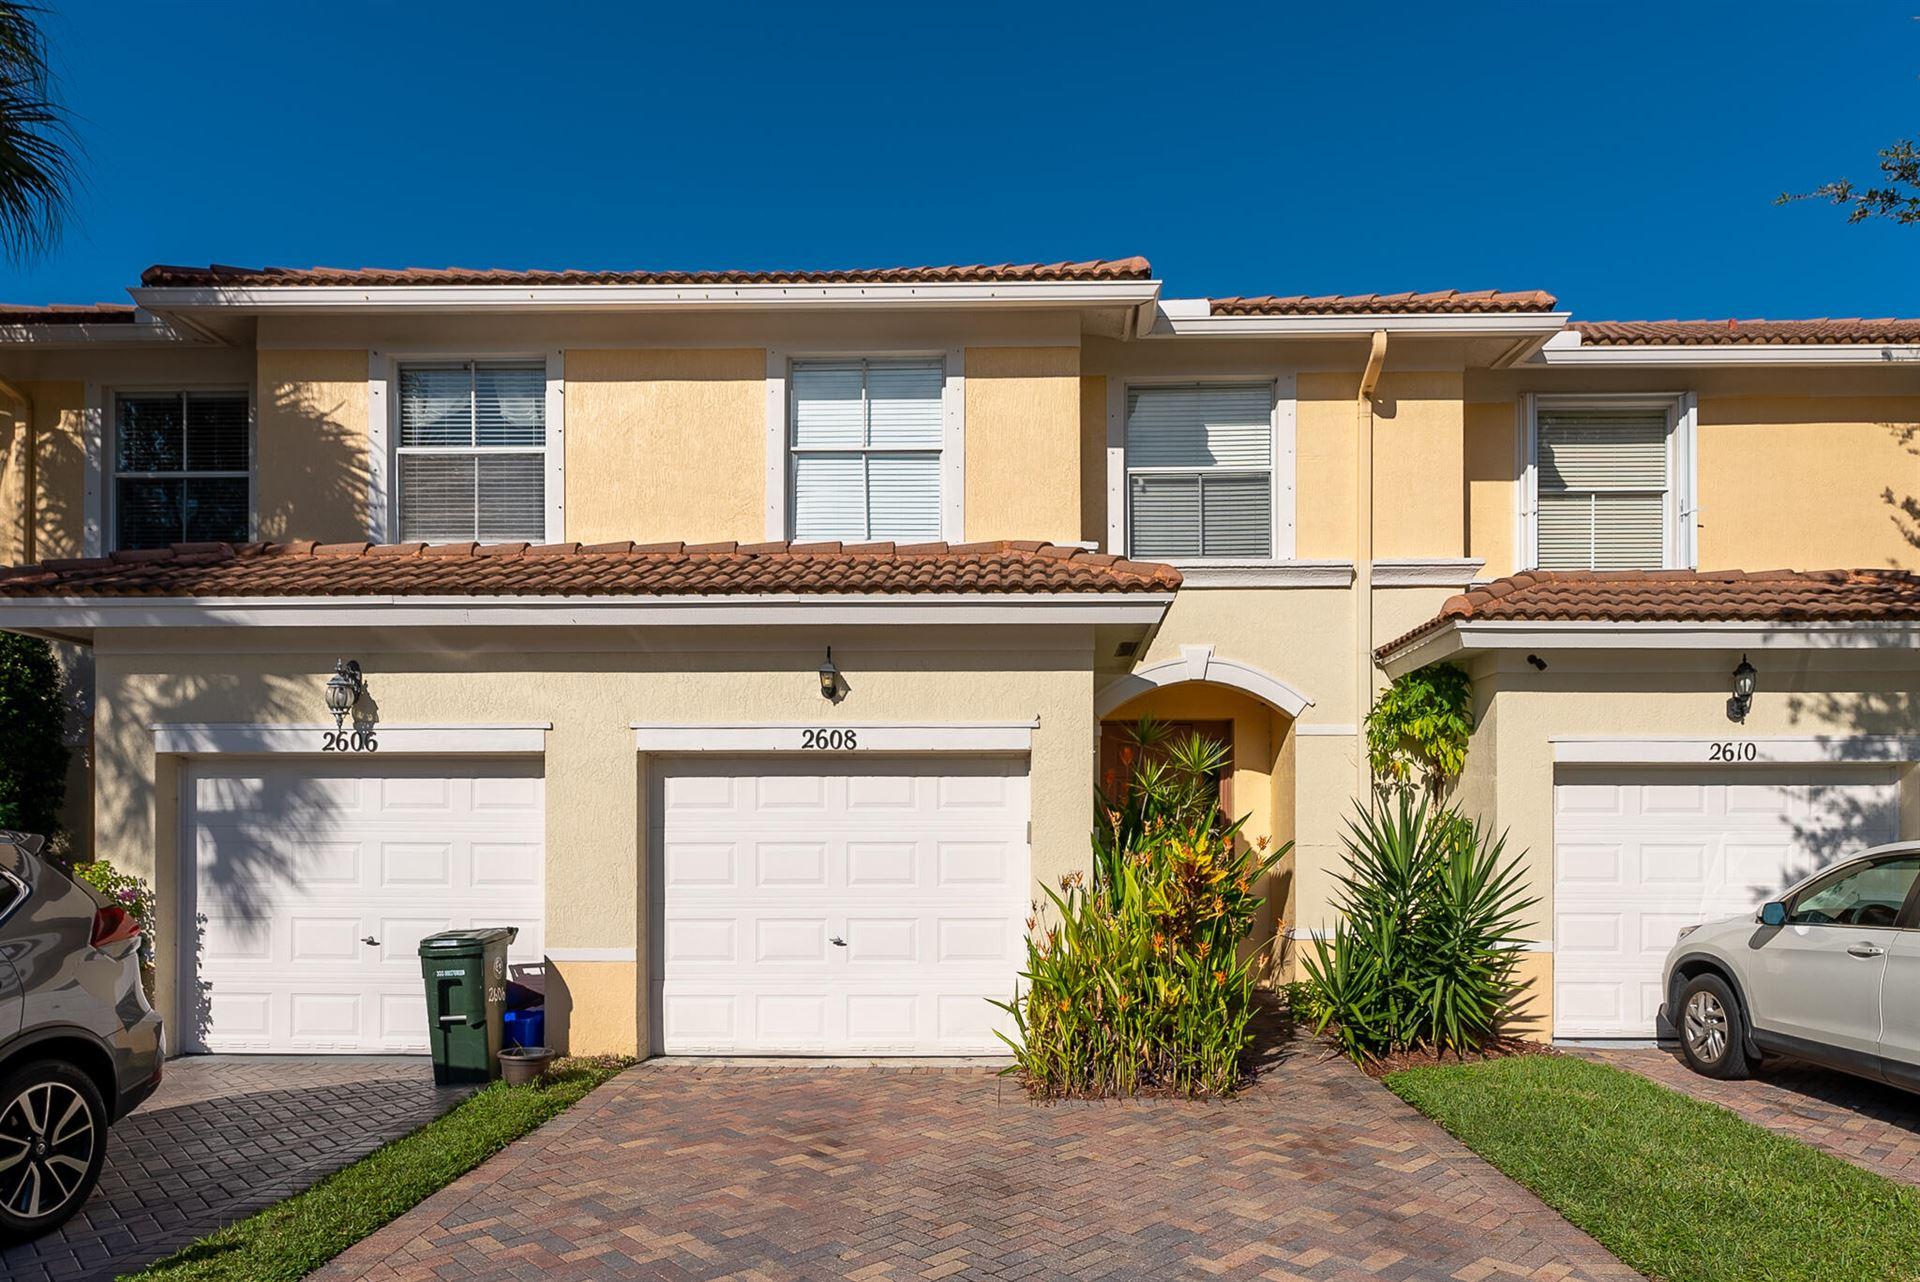 2608 Seminole Palms Drive, Greenacres, FL 33463 - MLS#: RX-10751983